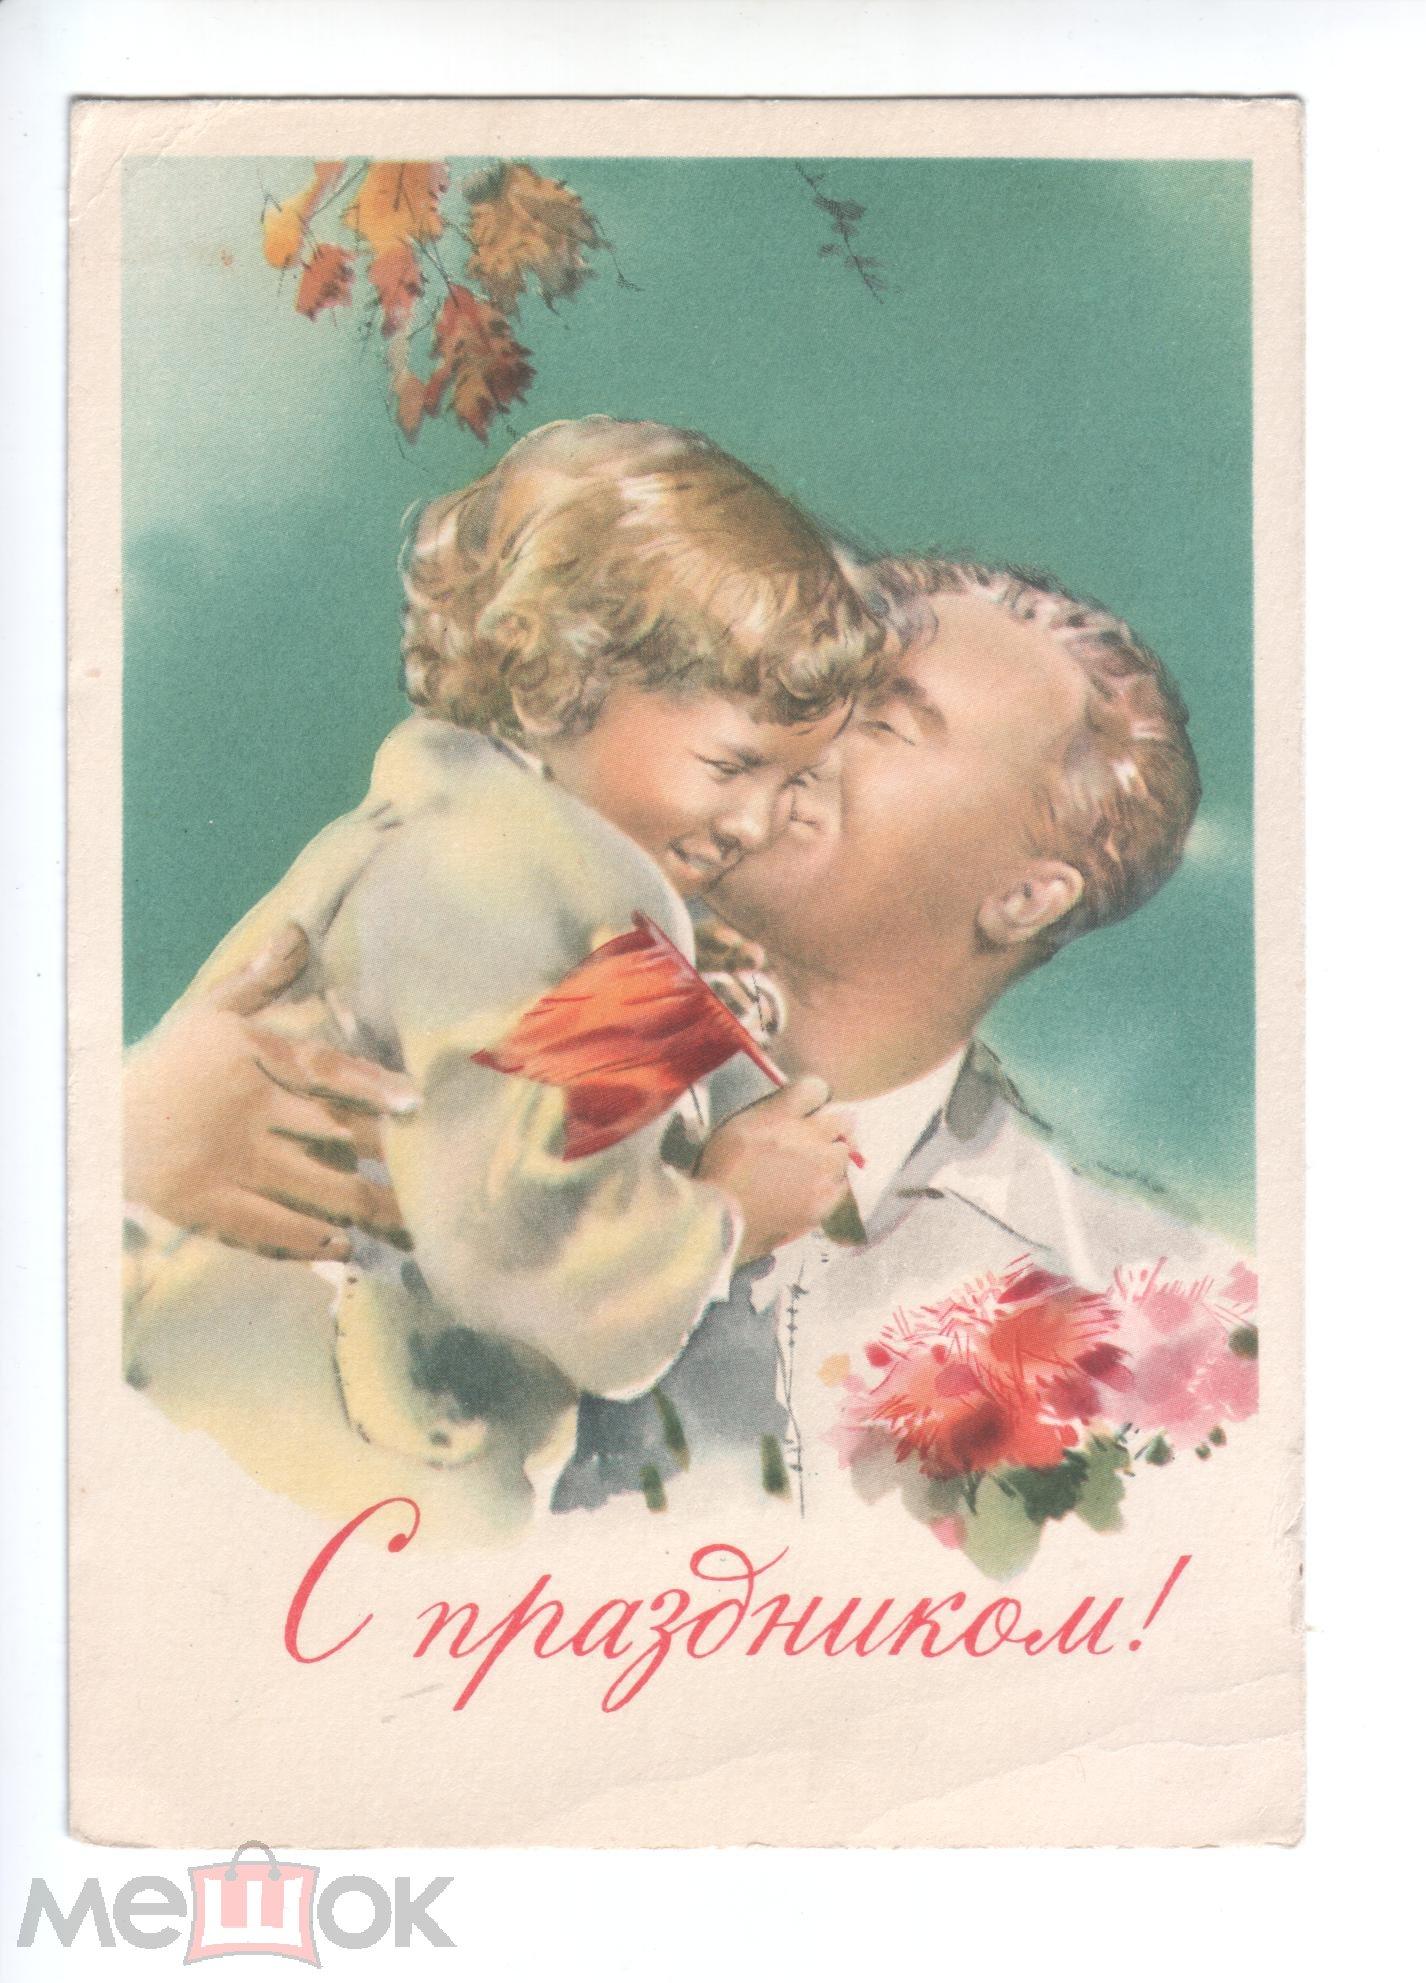 Спасибо, сколько стоит открытка 1960 года